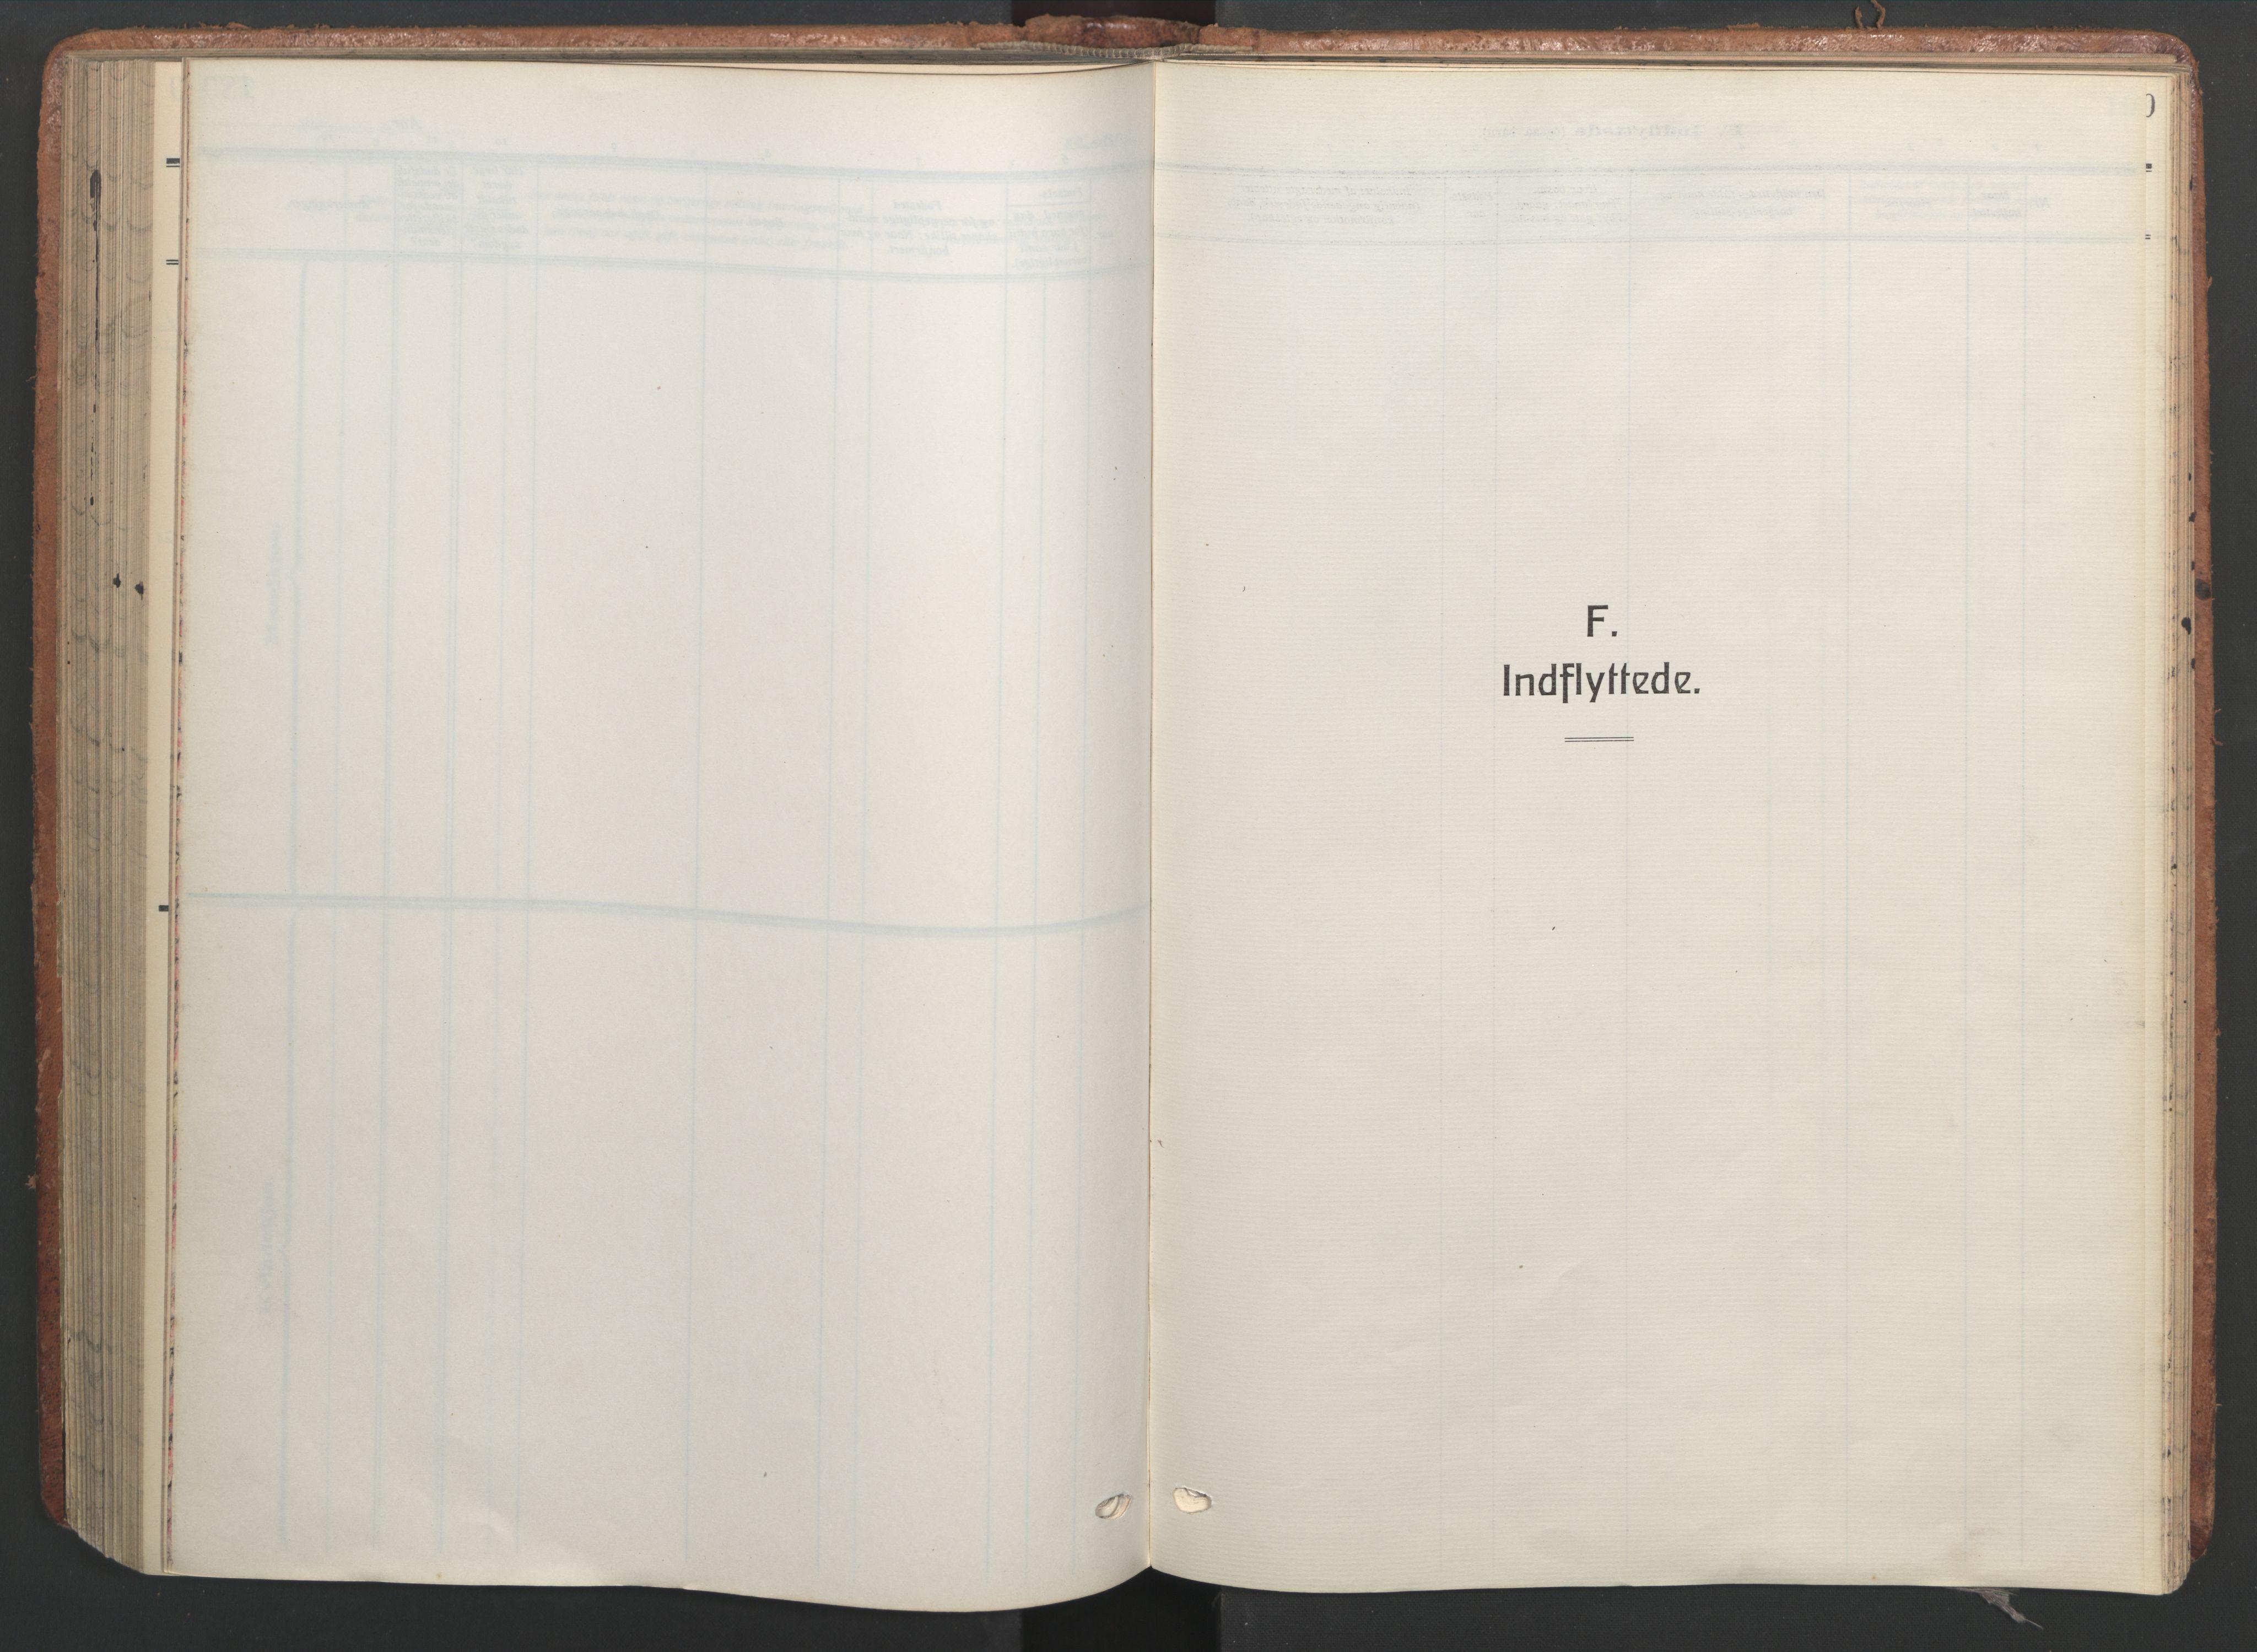 SAT, Ministerialprotokoller, klokkerbøker og fødselsregistre - Sør-Trøndelag, 656/L0694: Ministerialbok nr. 656A03, 1914-1931, s. 181